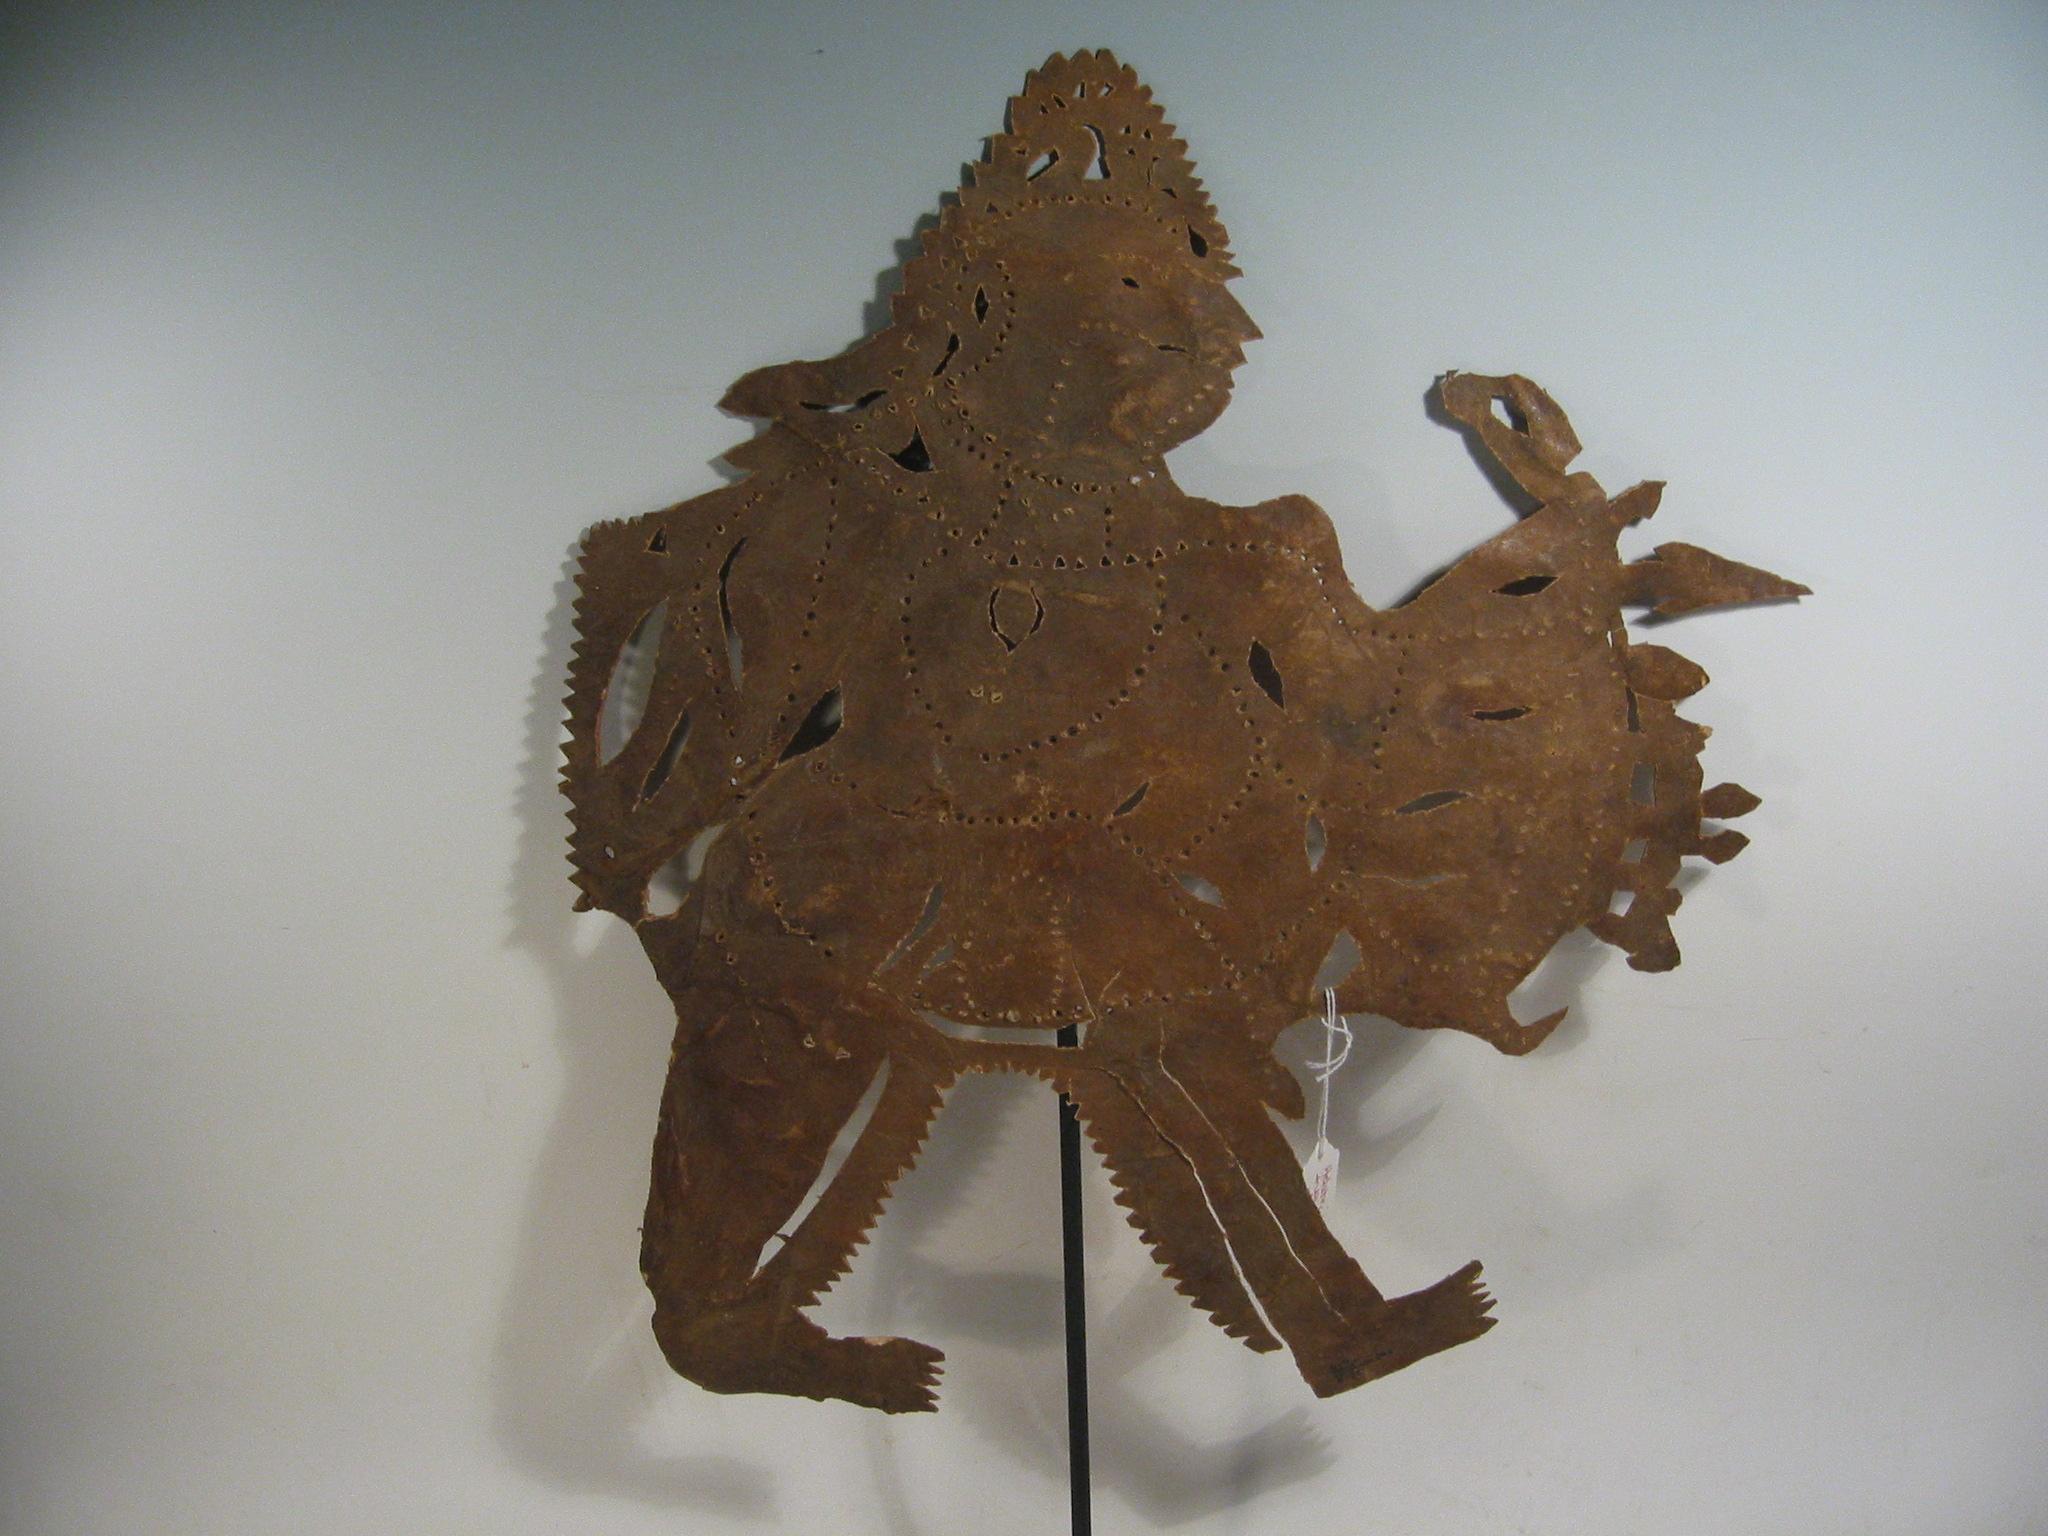 Râma, une figure d'ombre d'<em>Or</em>issa (Odisha), Inde, ravanachhaya, hauteur : 56 cm. Collection : Center for Puppetry Arts (Atlanta, Géorgie, États-Unis)